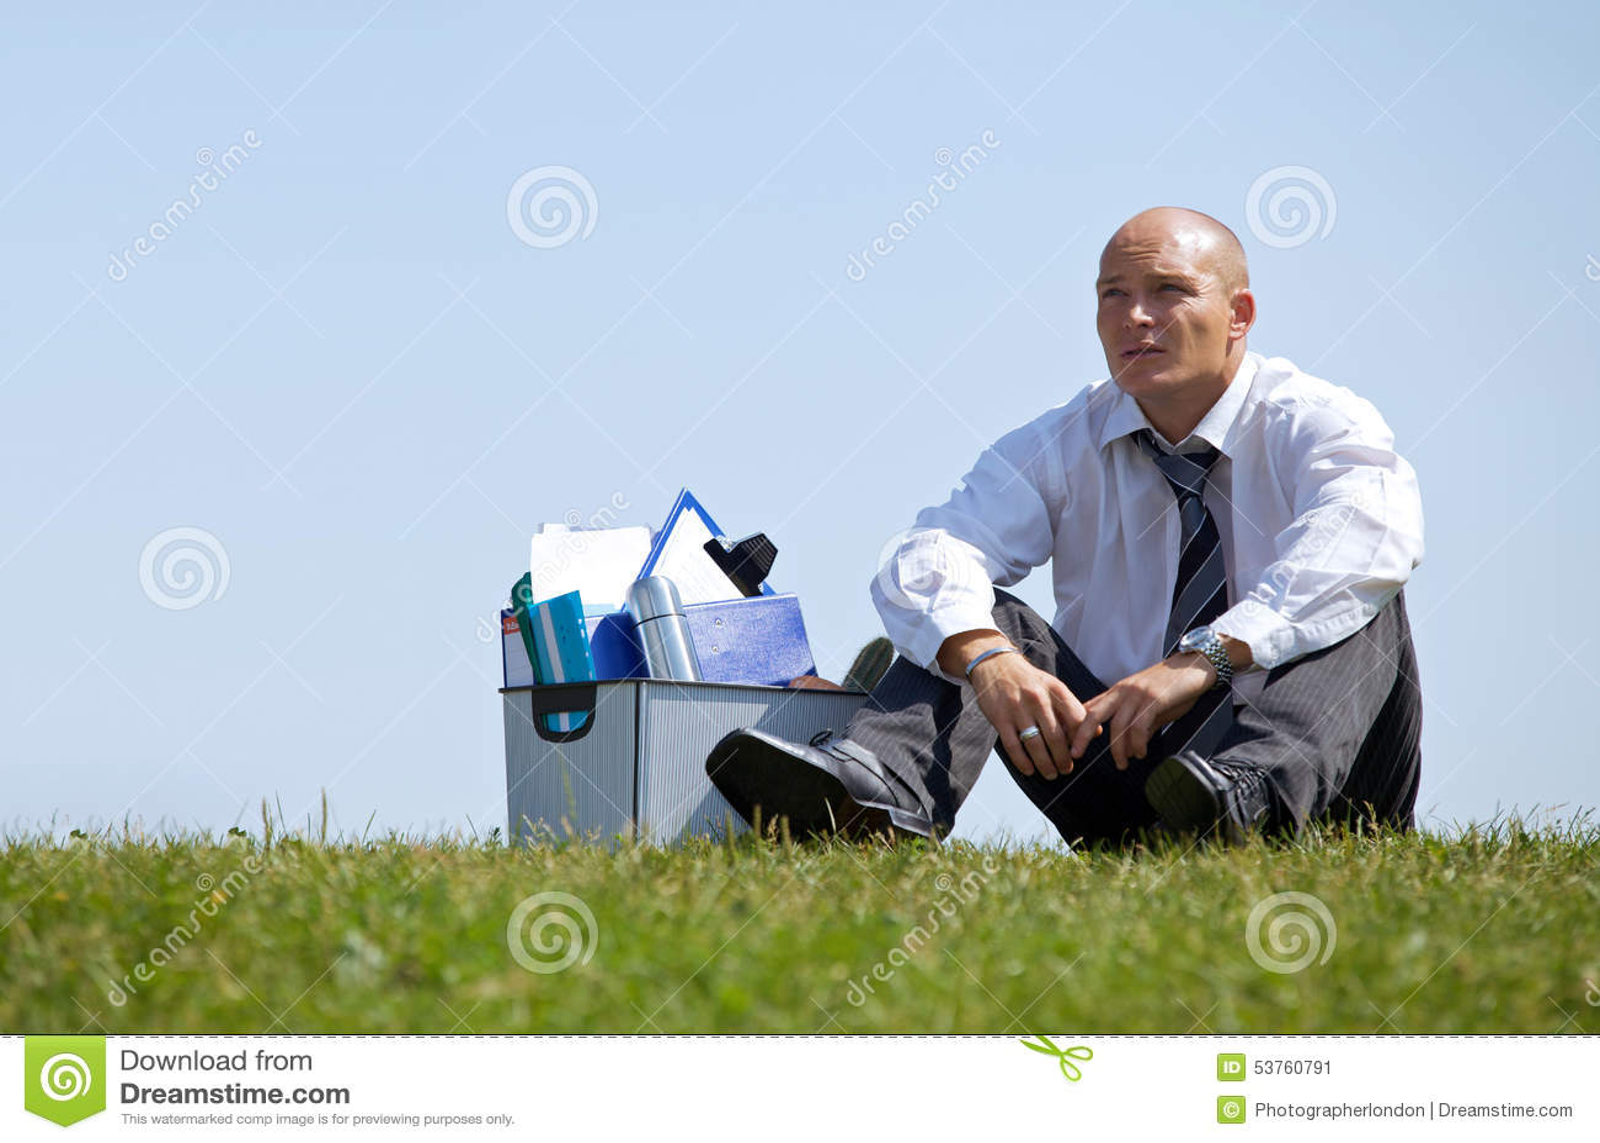 Hombre de negocios triste que se sienta al lado de cesta por completo de ficheros en parque